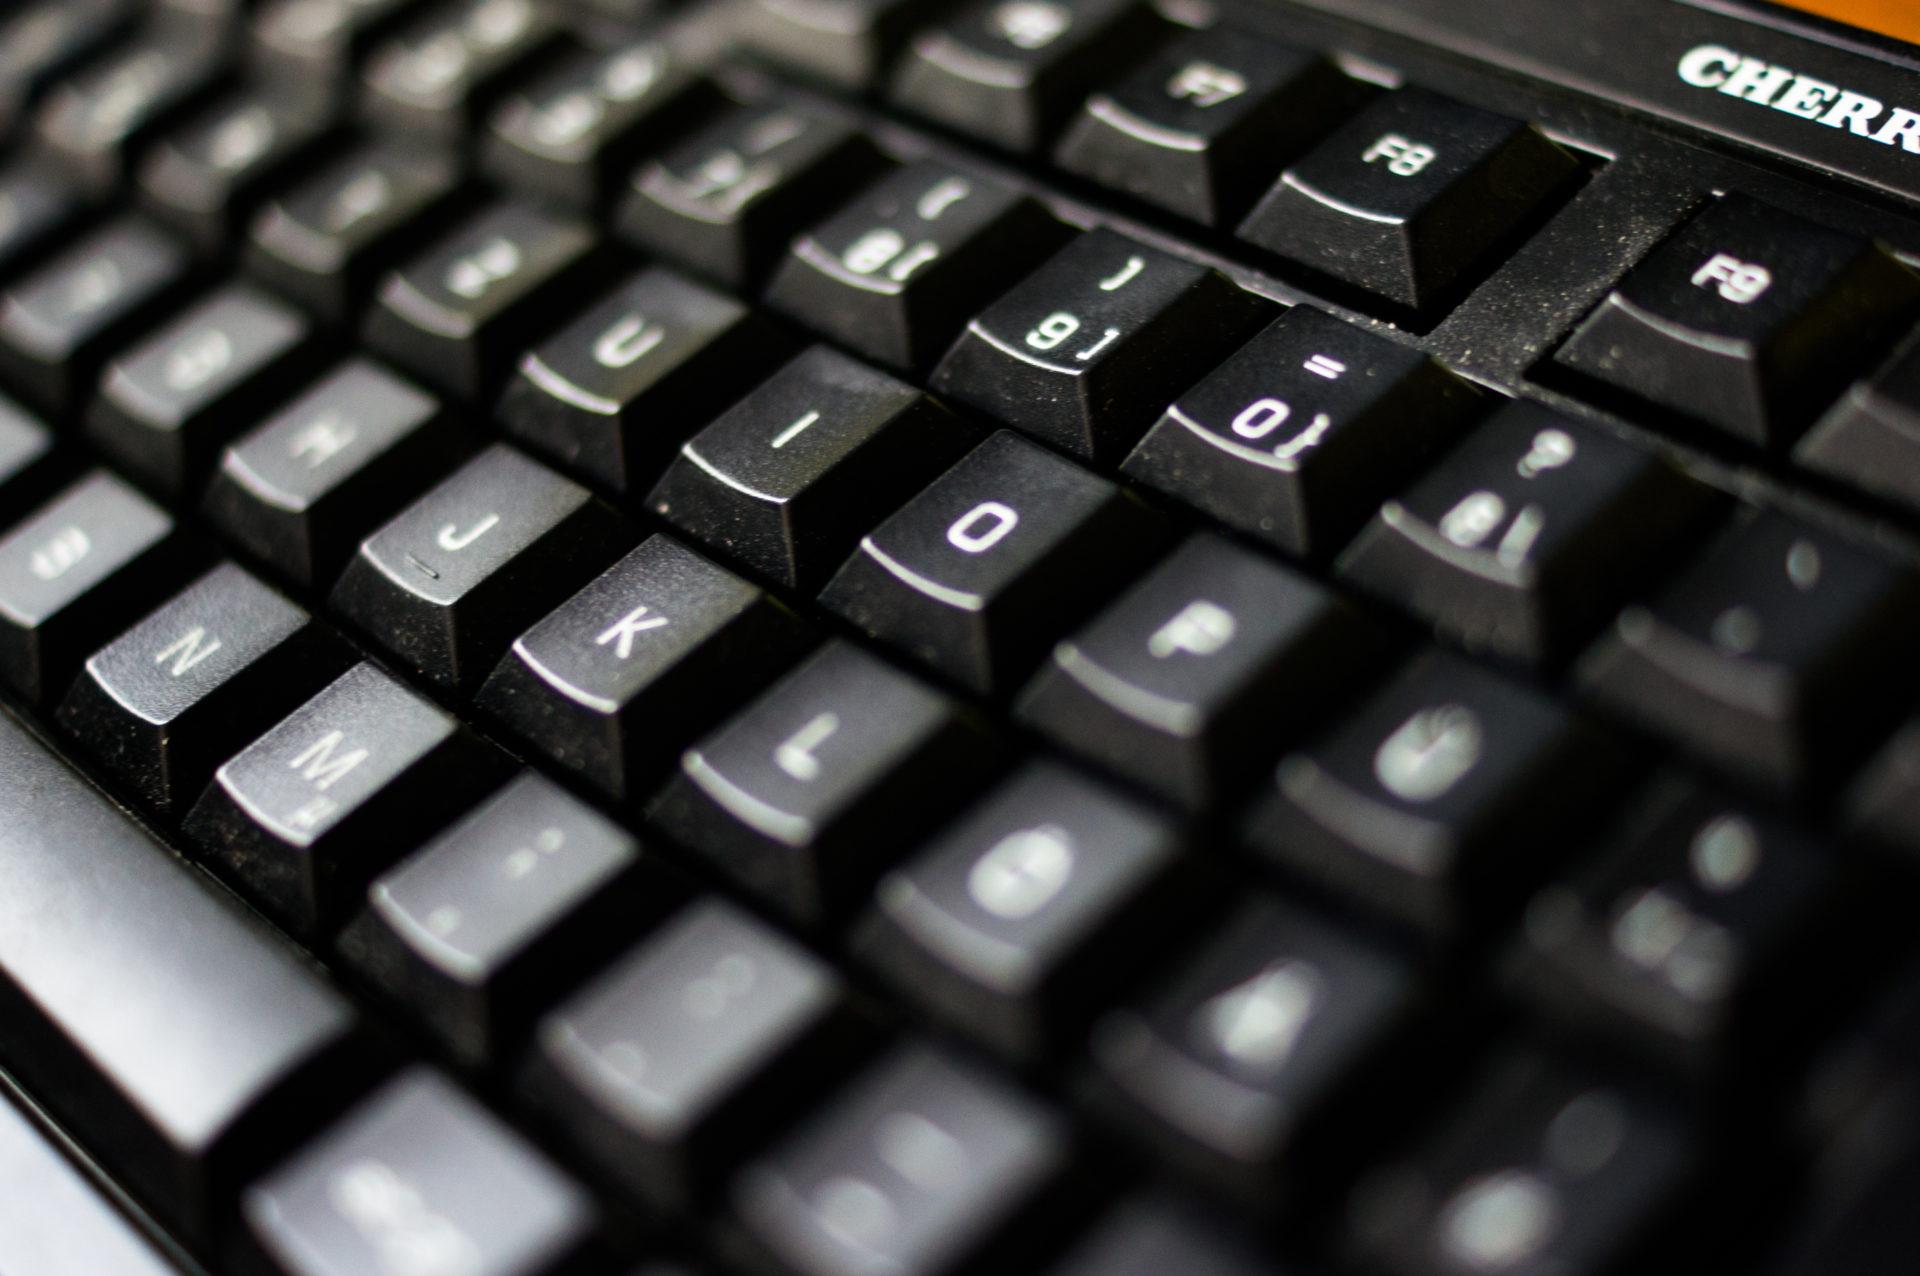 Nahaufnahme von Tasten einer Computertastatur